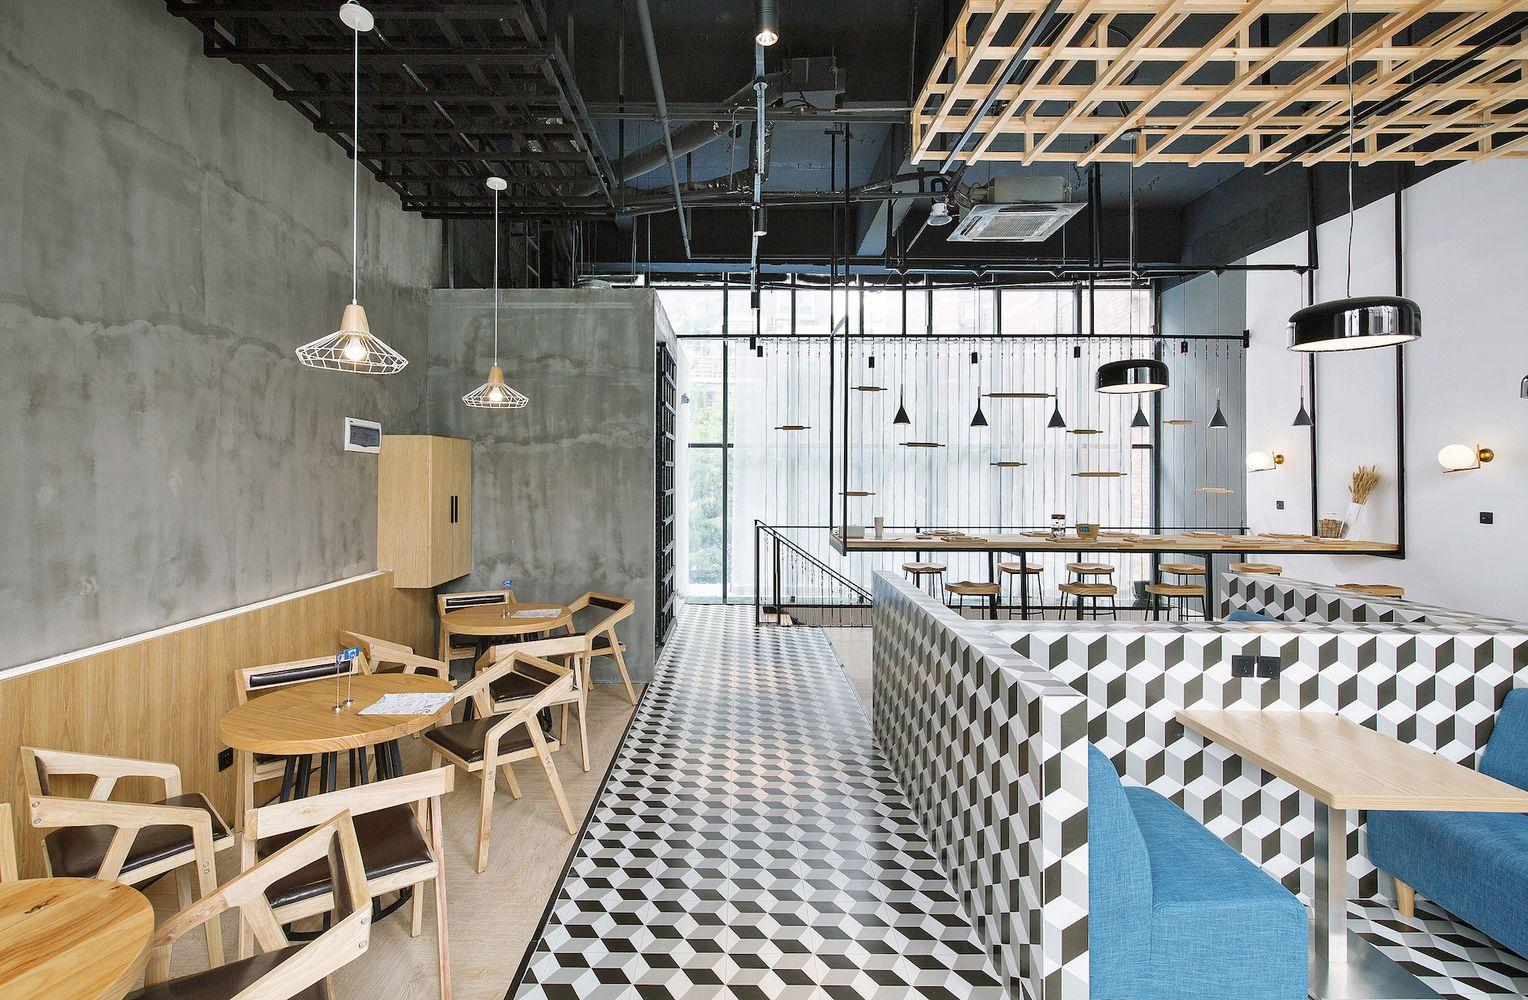 Galería de Restaurant Beauty Free Baking / ZONES DESIGN - 16